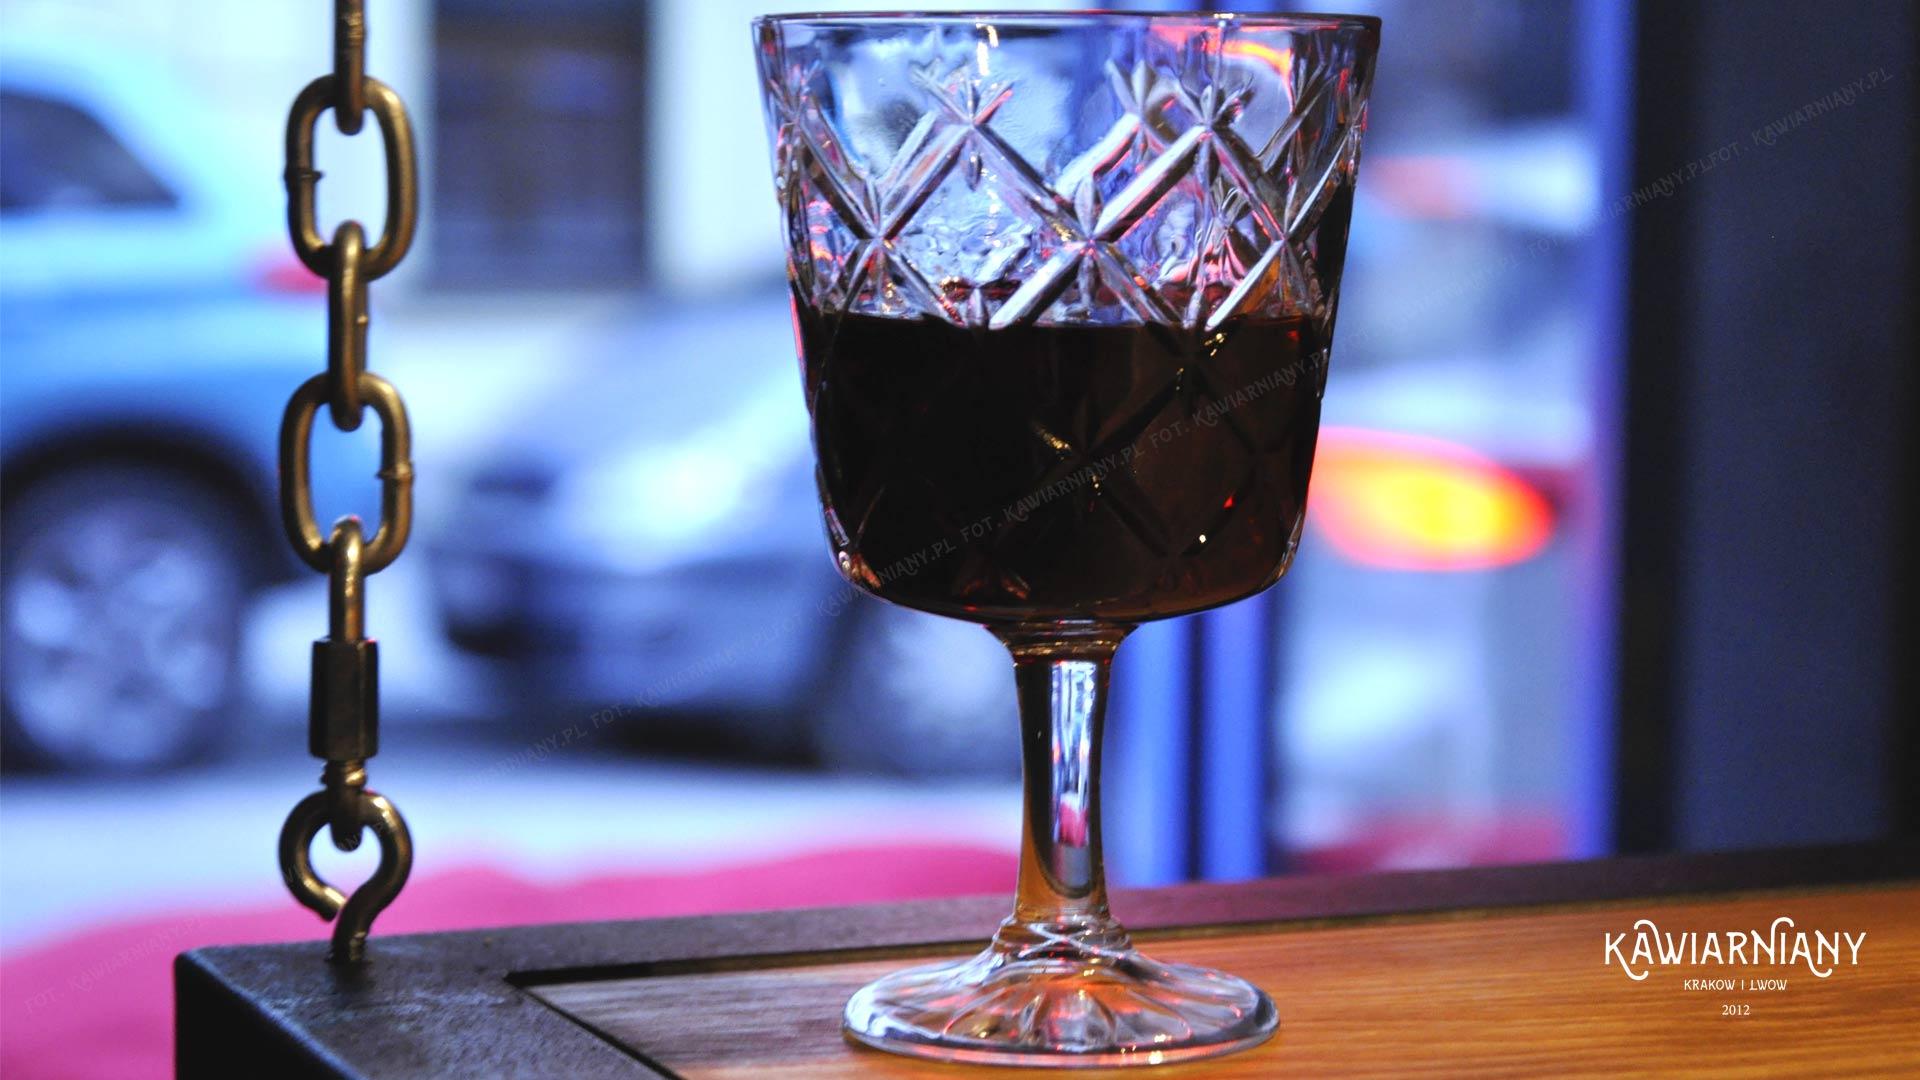 Wiśnioffka – wiśniowa nalewka na Kazimierzu. Czym różni się od Pijanej Wiśni ze Lwowa?